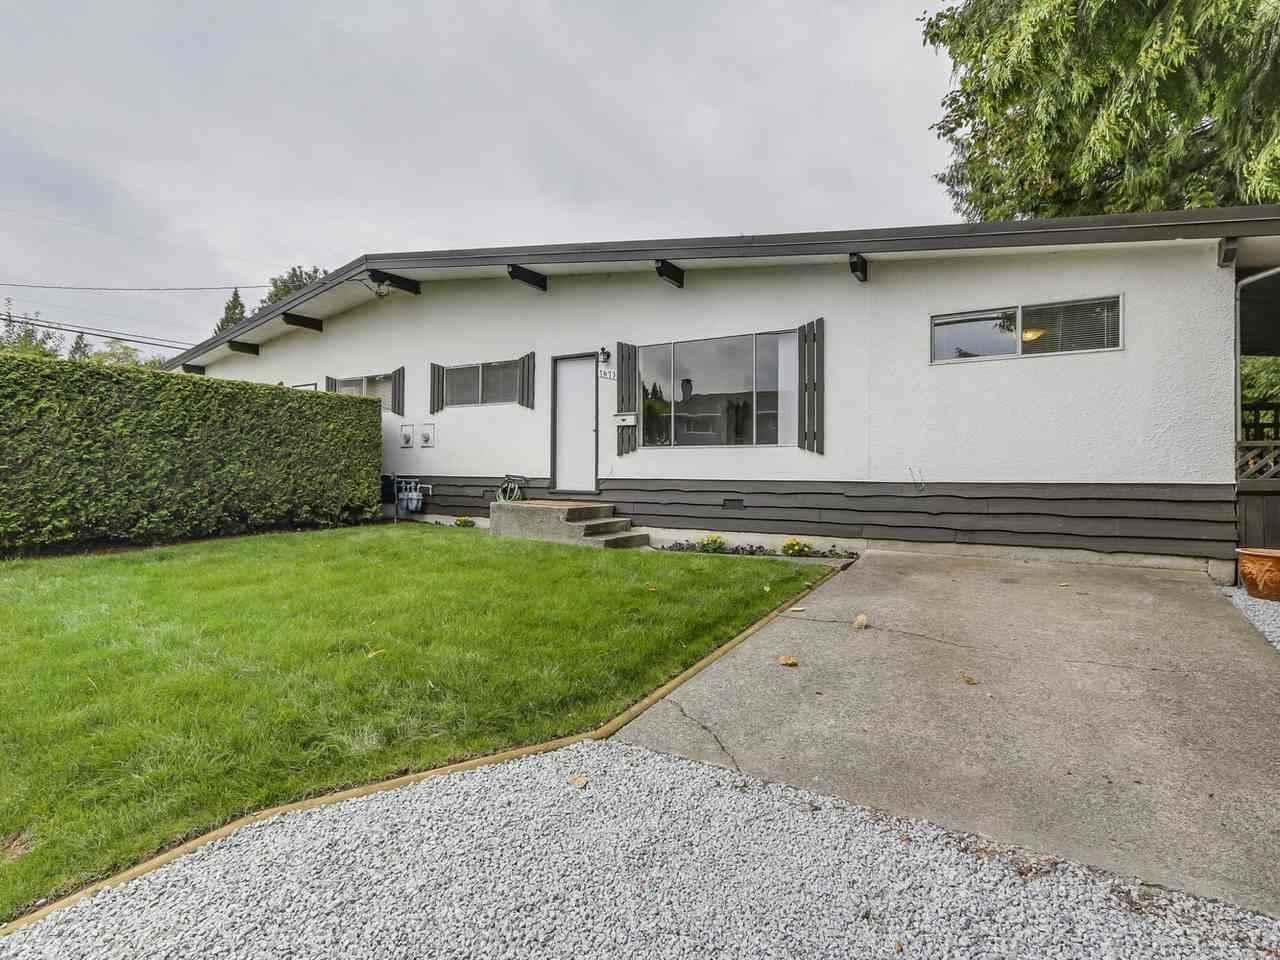 Sold: 1673 Greenmount Avenue, Port Coquitlam, BC